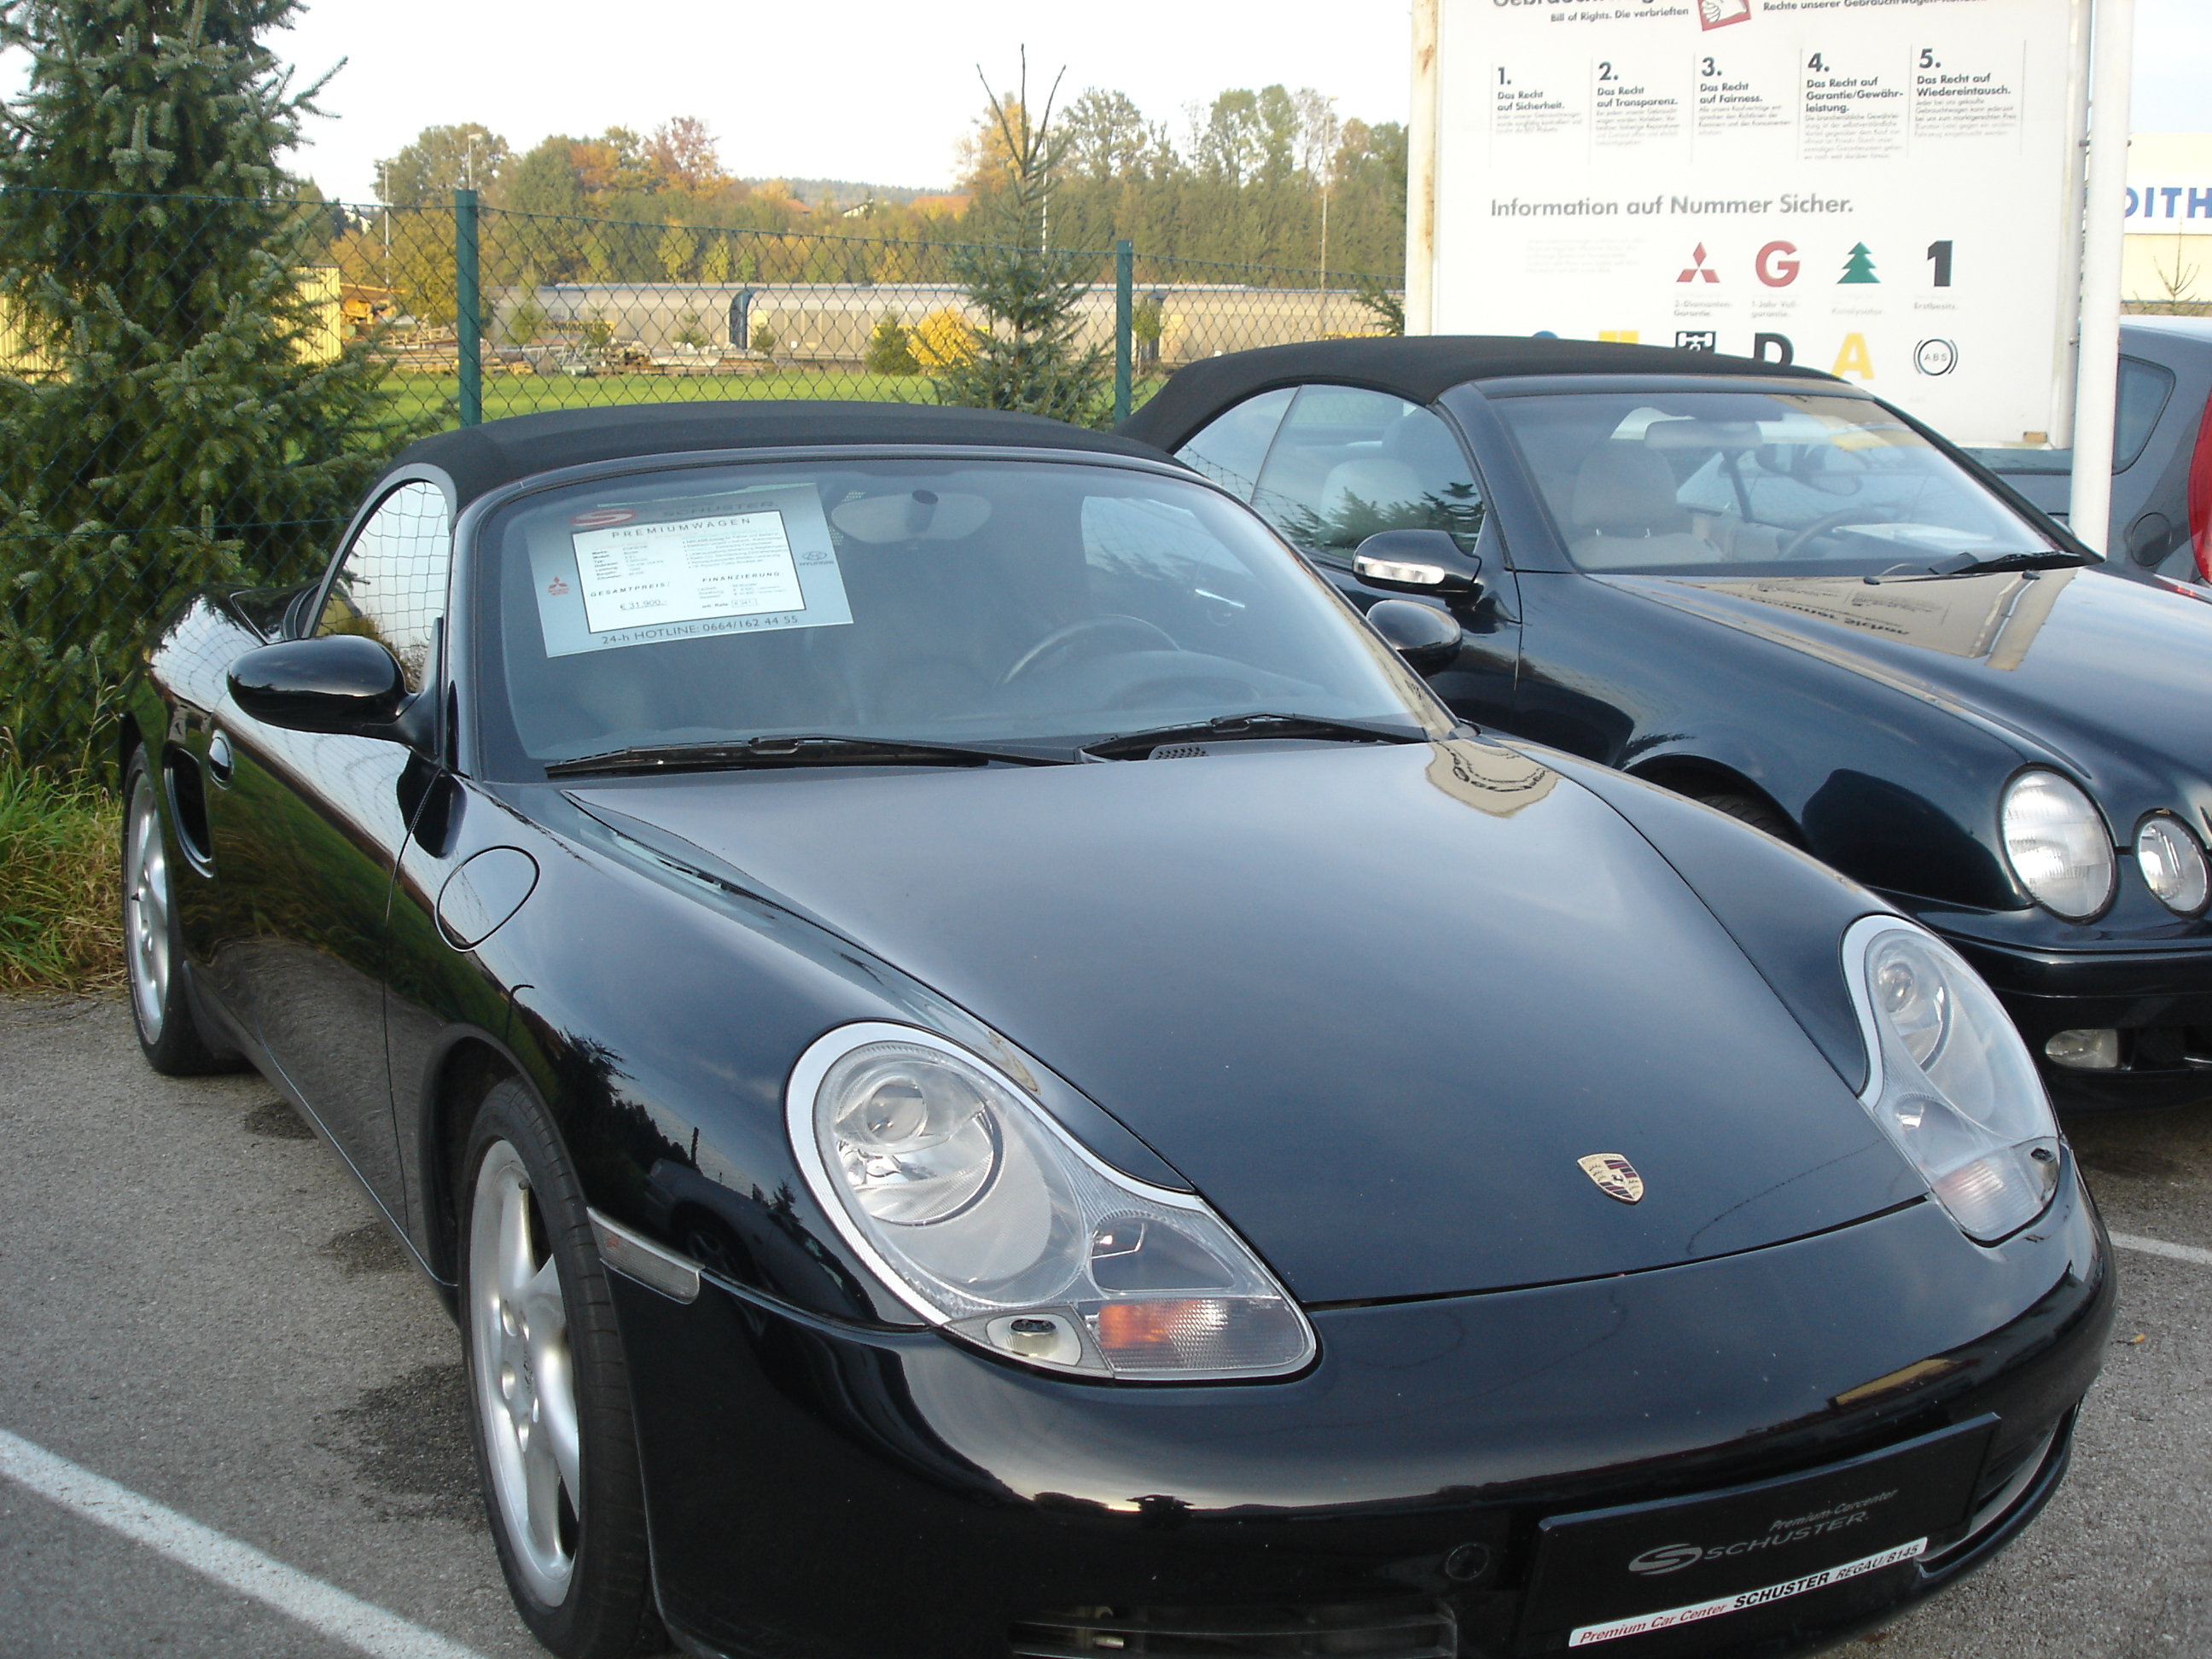 File:Porsche Boxster 986.jpg